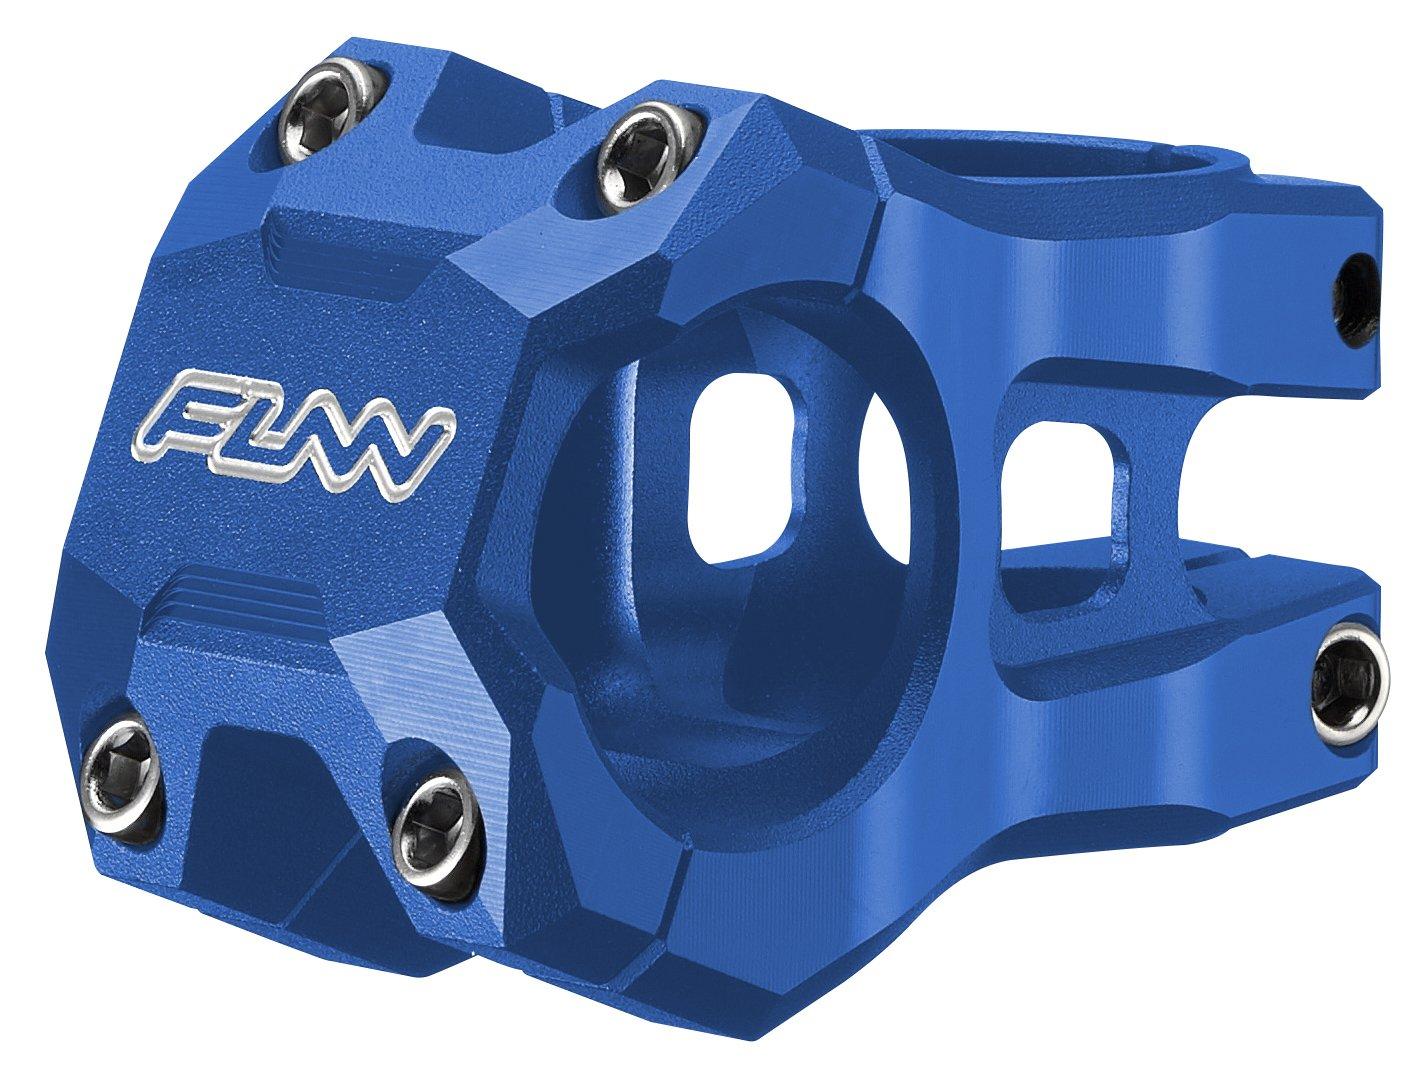 Funn Strippa Evoステム(ø31.8 mm) B076WRC98X オレンジ|35.0 ミリメートル オレンジ